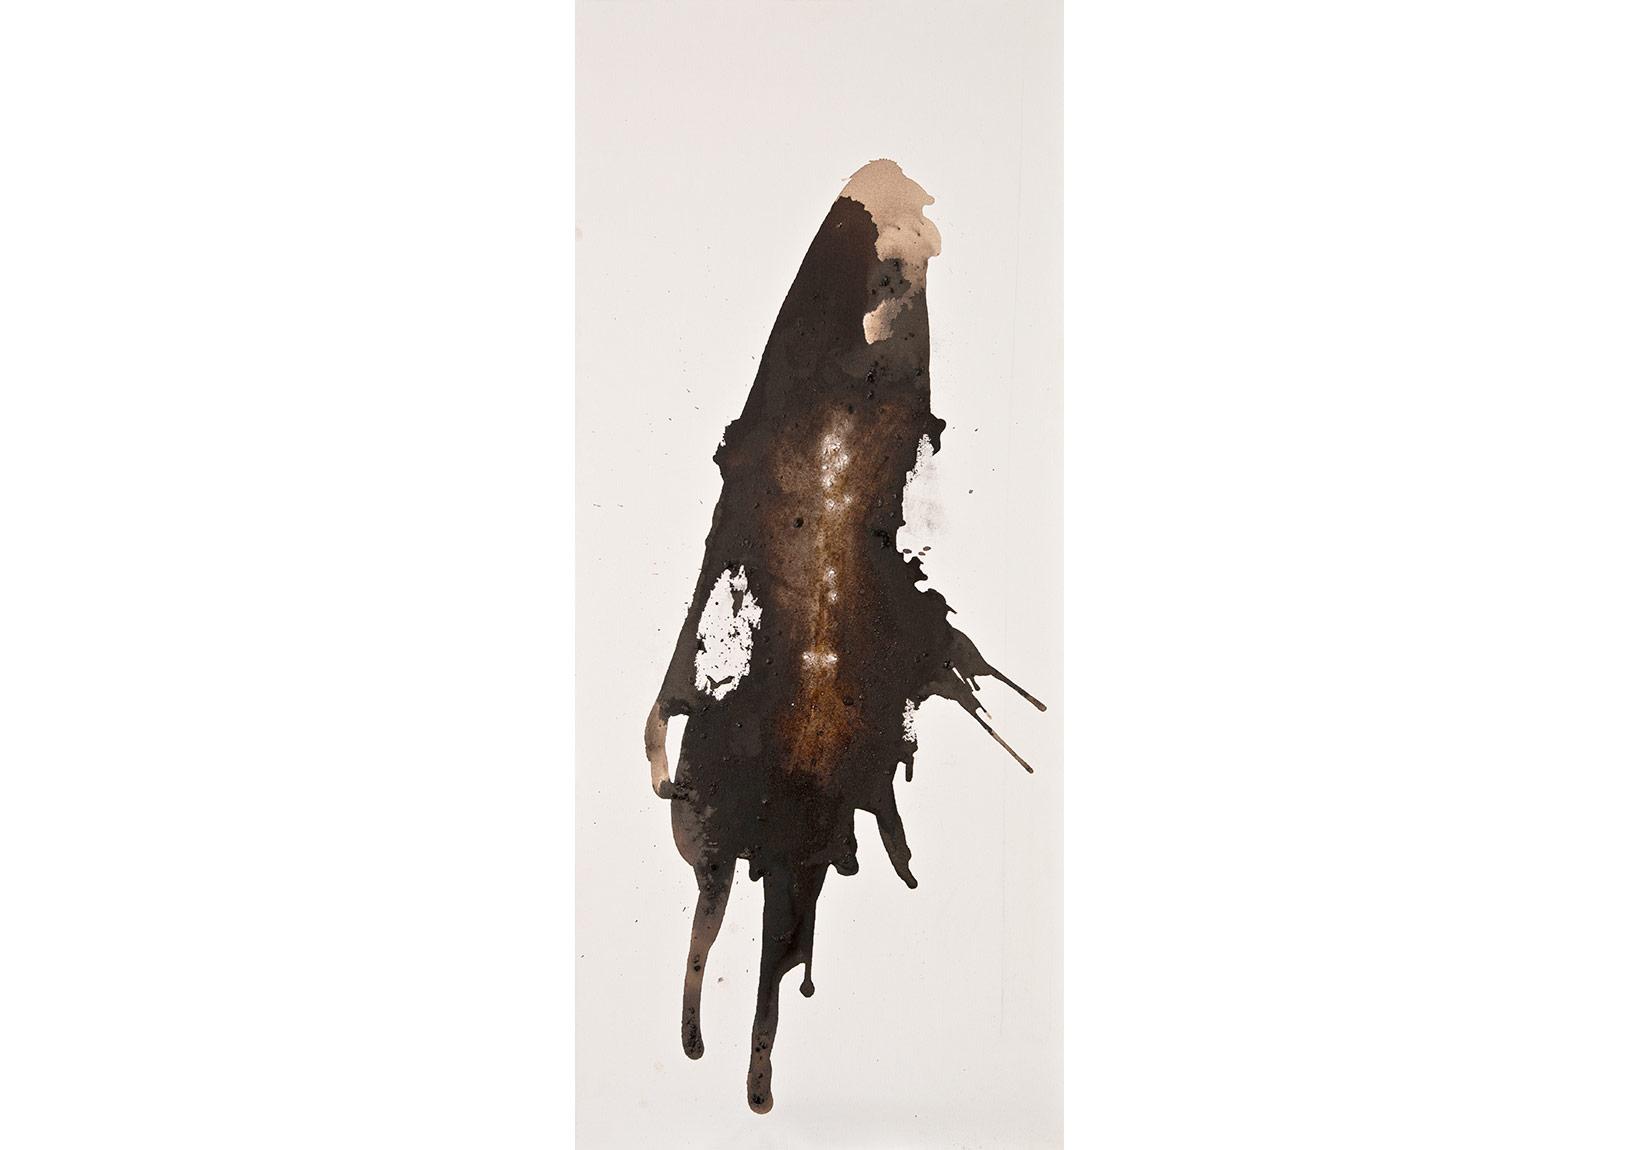 İsimsiz, 2015, tuval üzerine karışık teknik, 174 x 75 cm